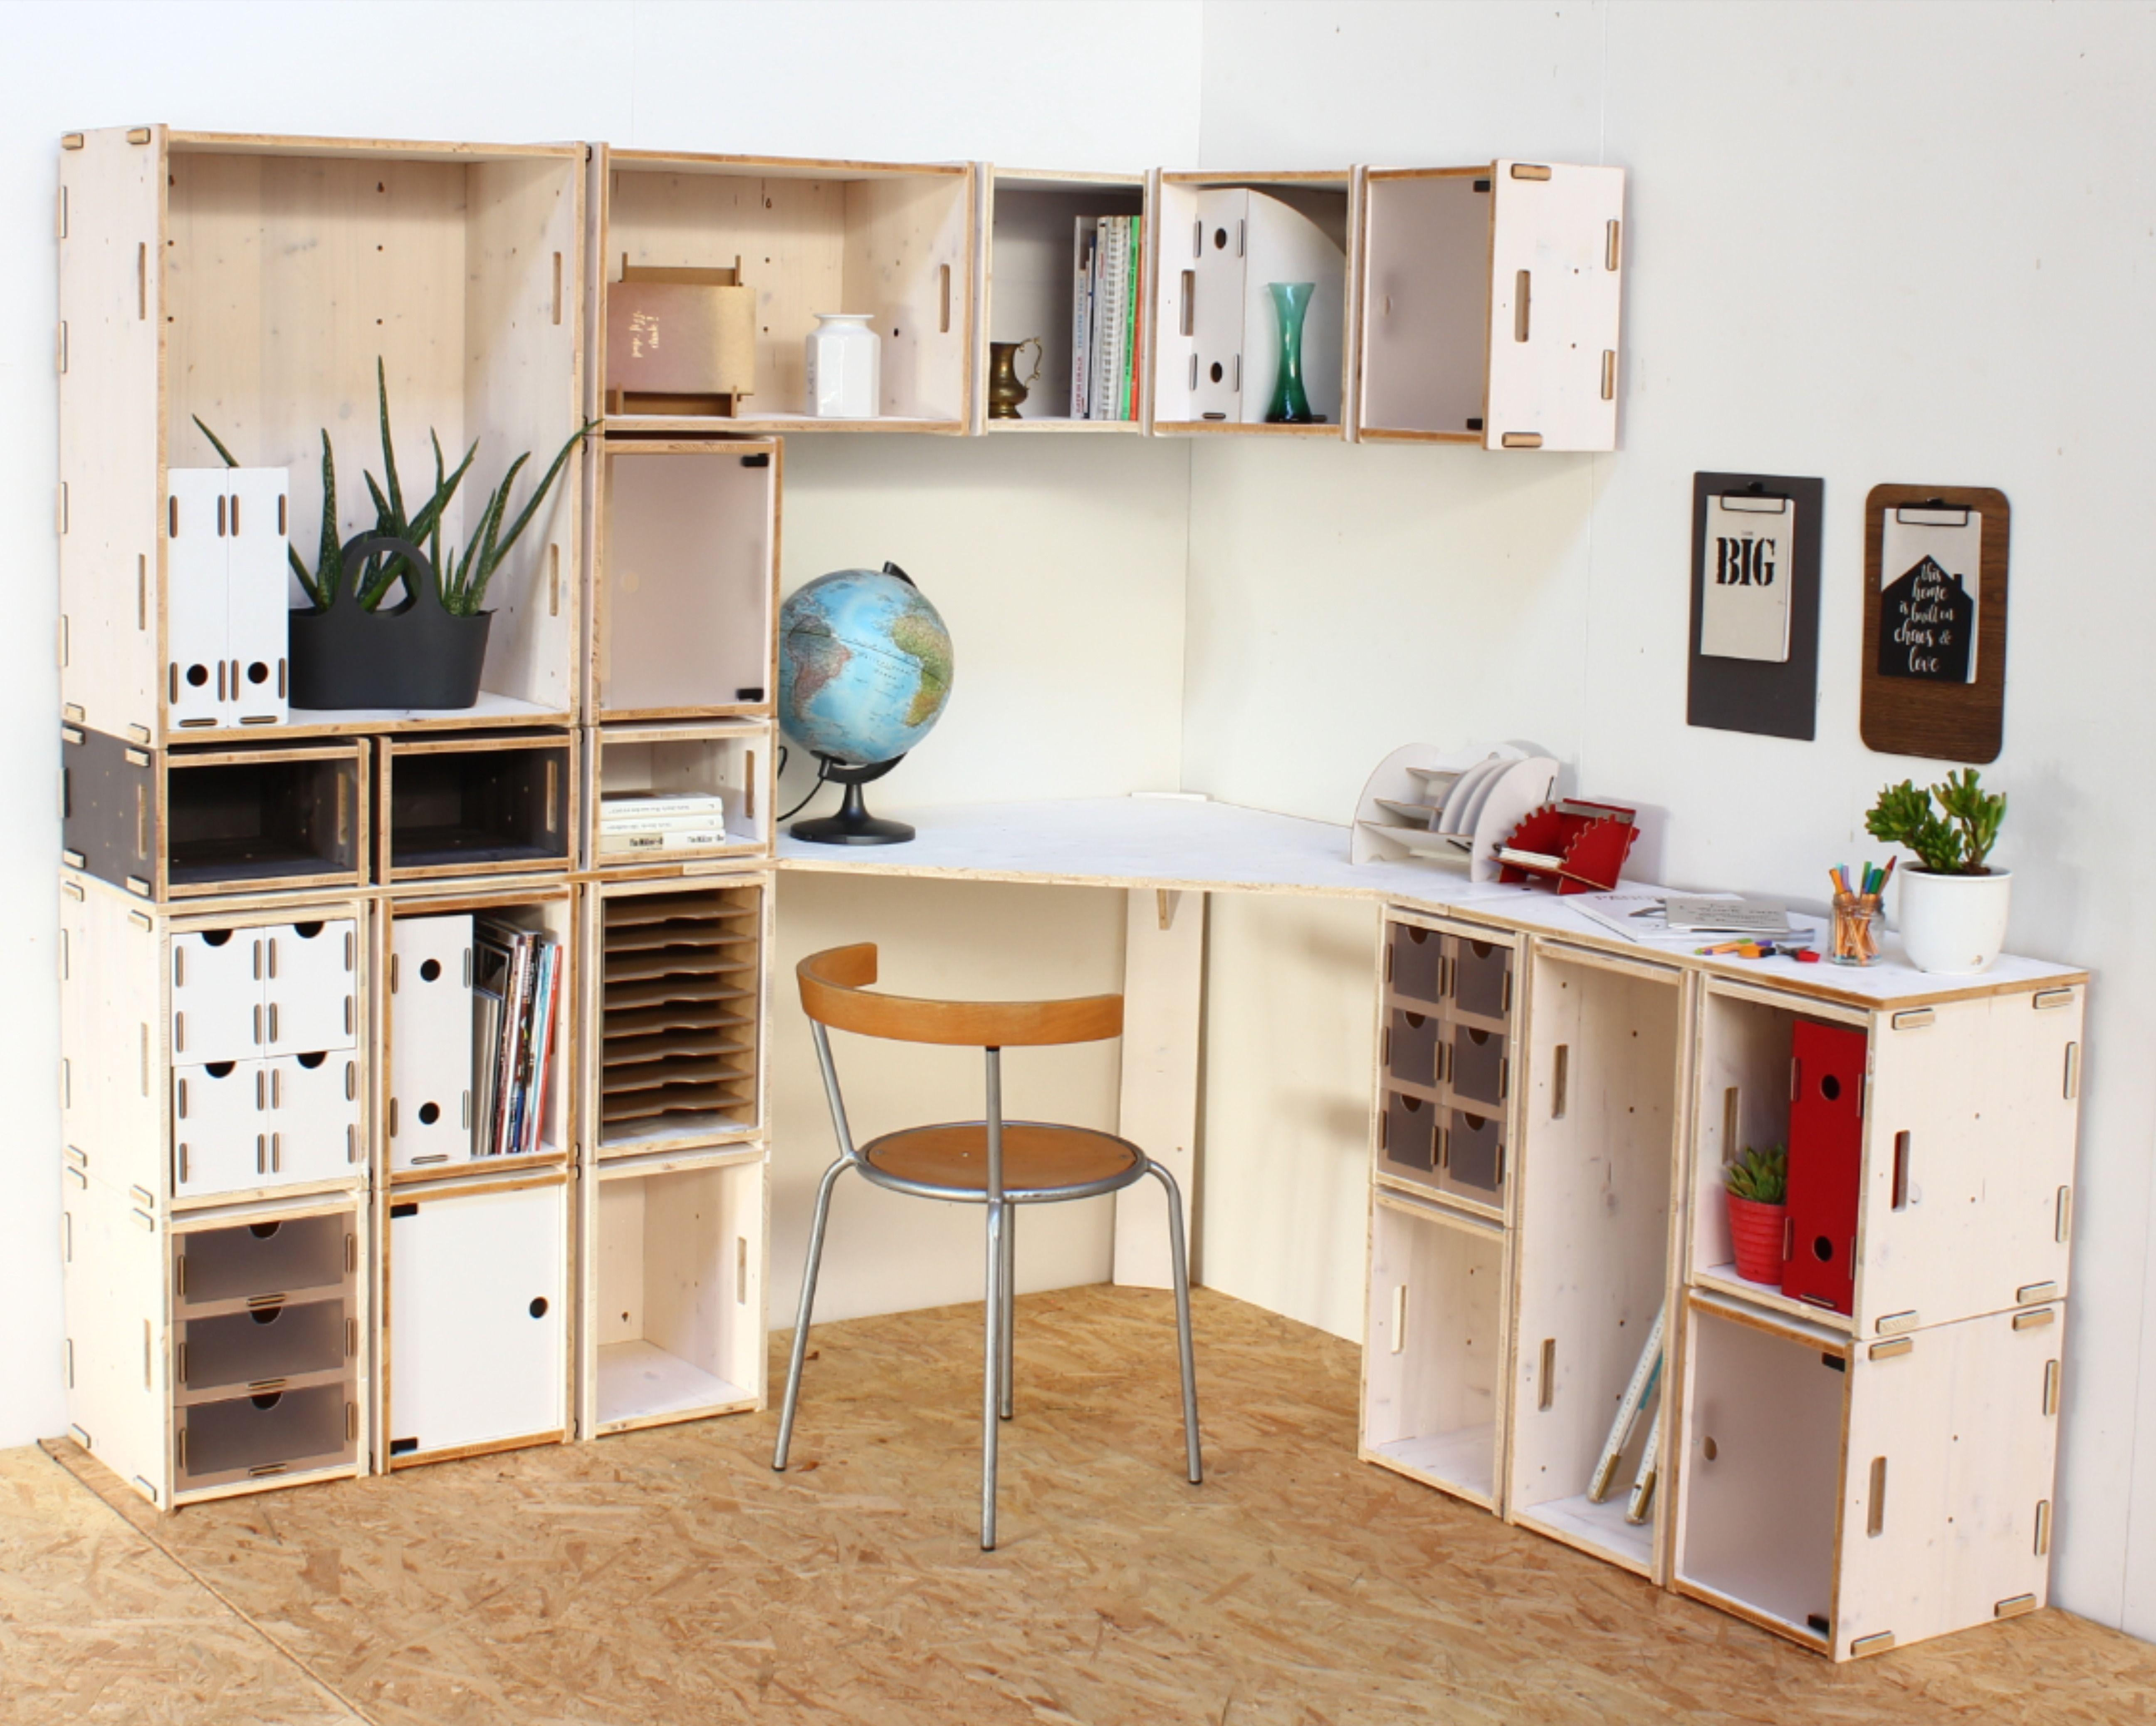 Plane Deinen Perfekten Schreibtisch Mit Holzkisten Und Stecksystem